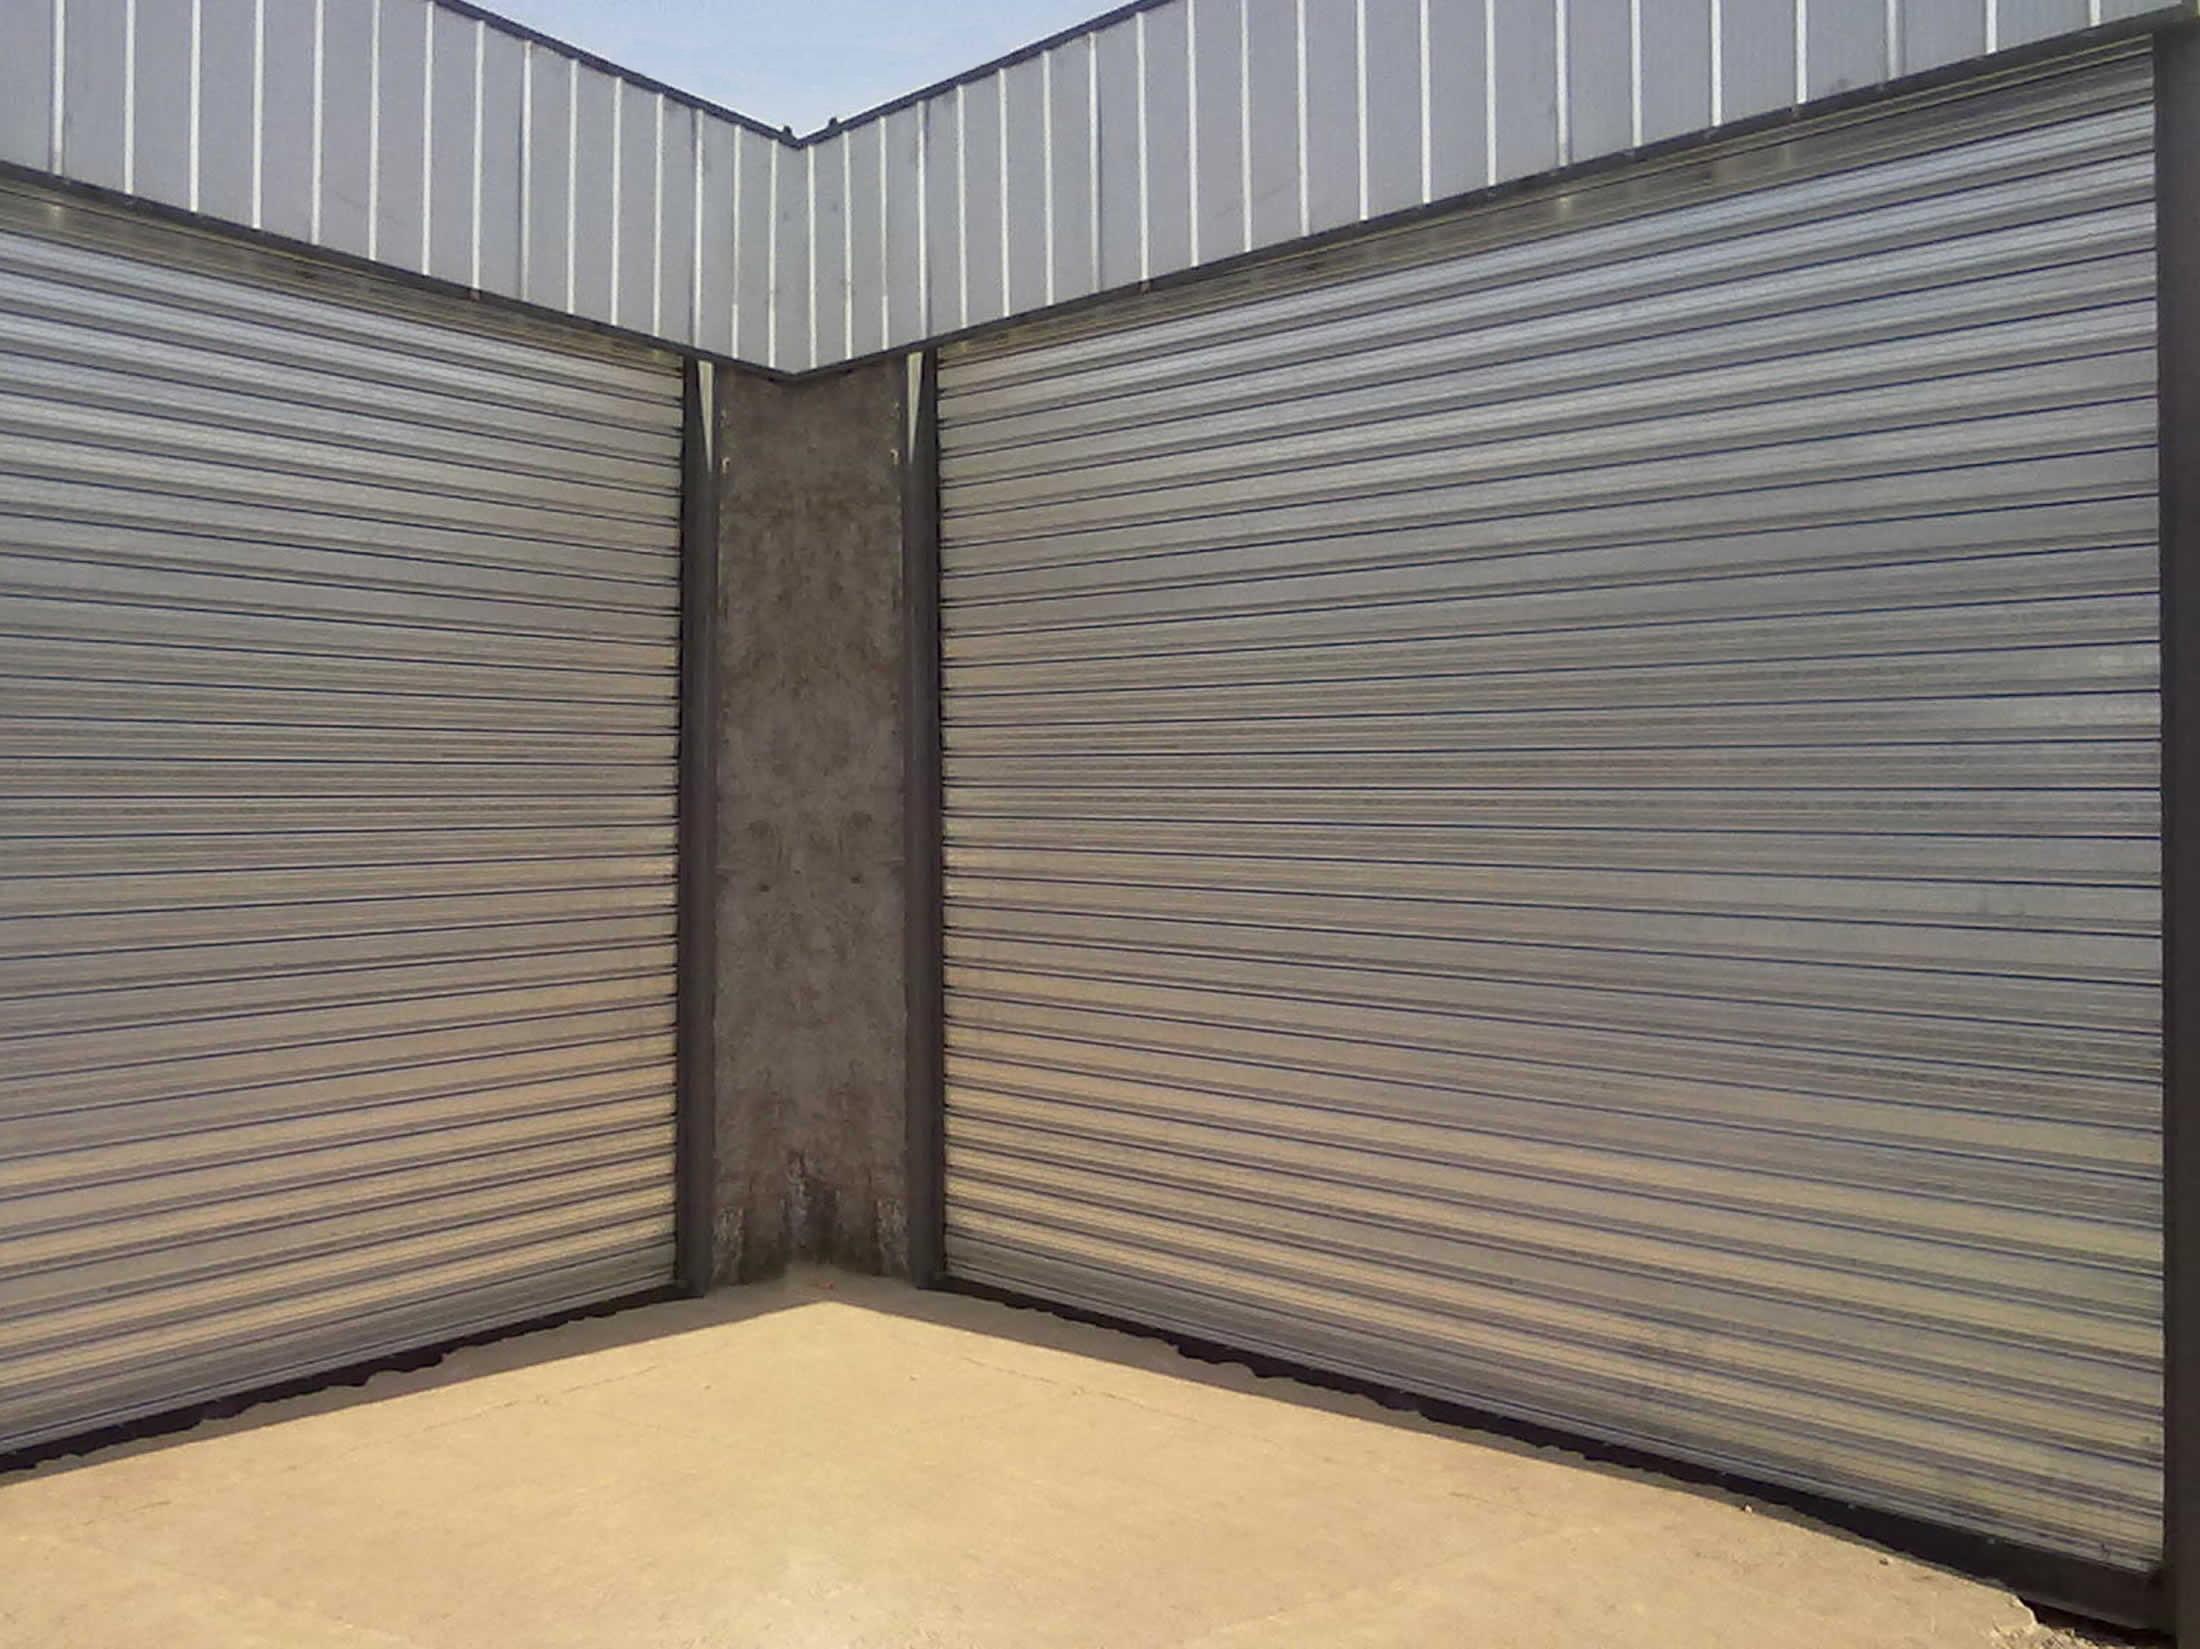 Cortiper cortinas met licas - Tipos de persianas de aluminio ...